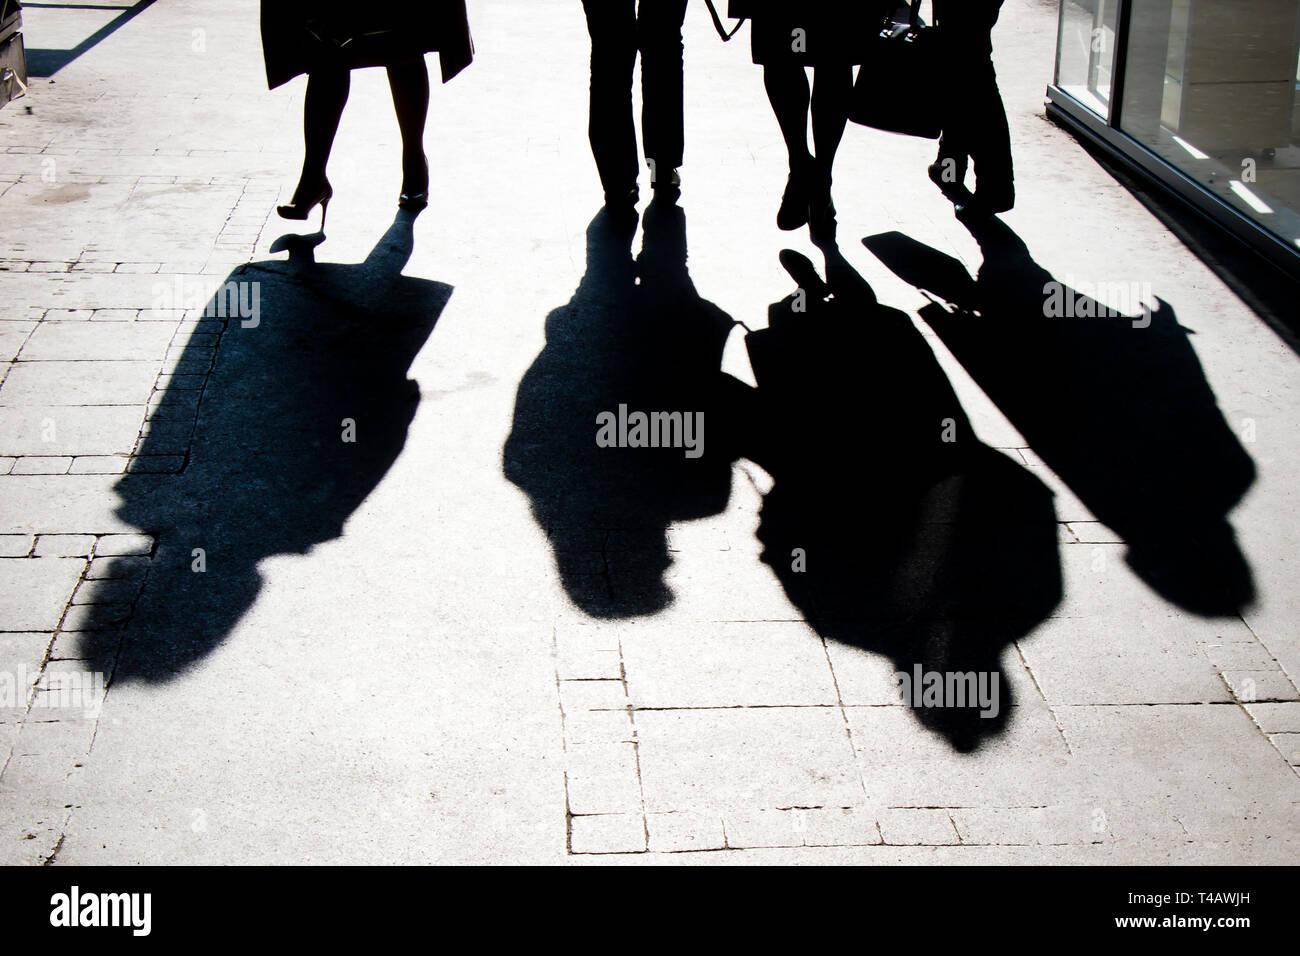 Ombre floue silhouette de personnes marchant sur la rue piétonne de la ville en noir et blanc à contraste élevé Banque D'Images